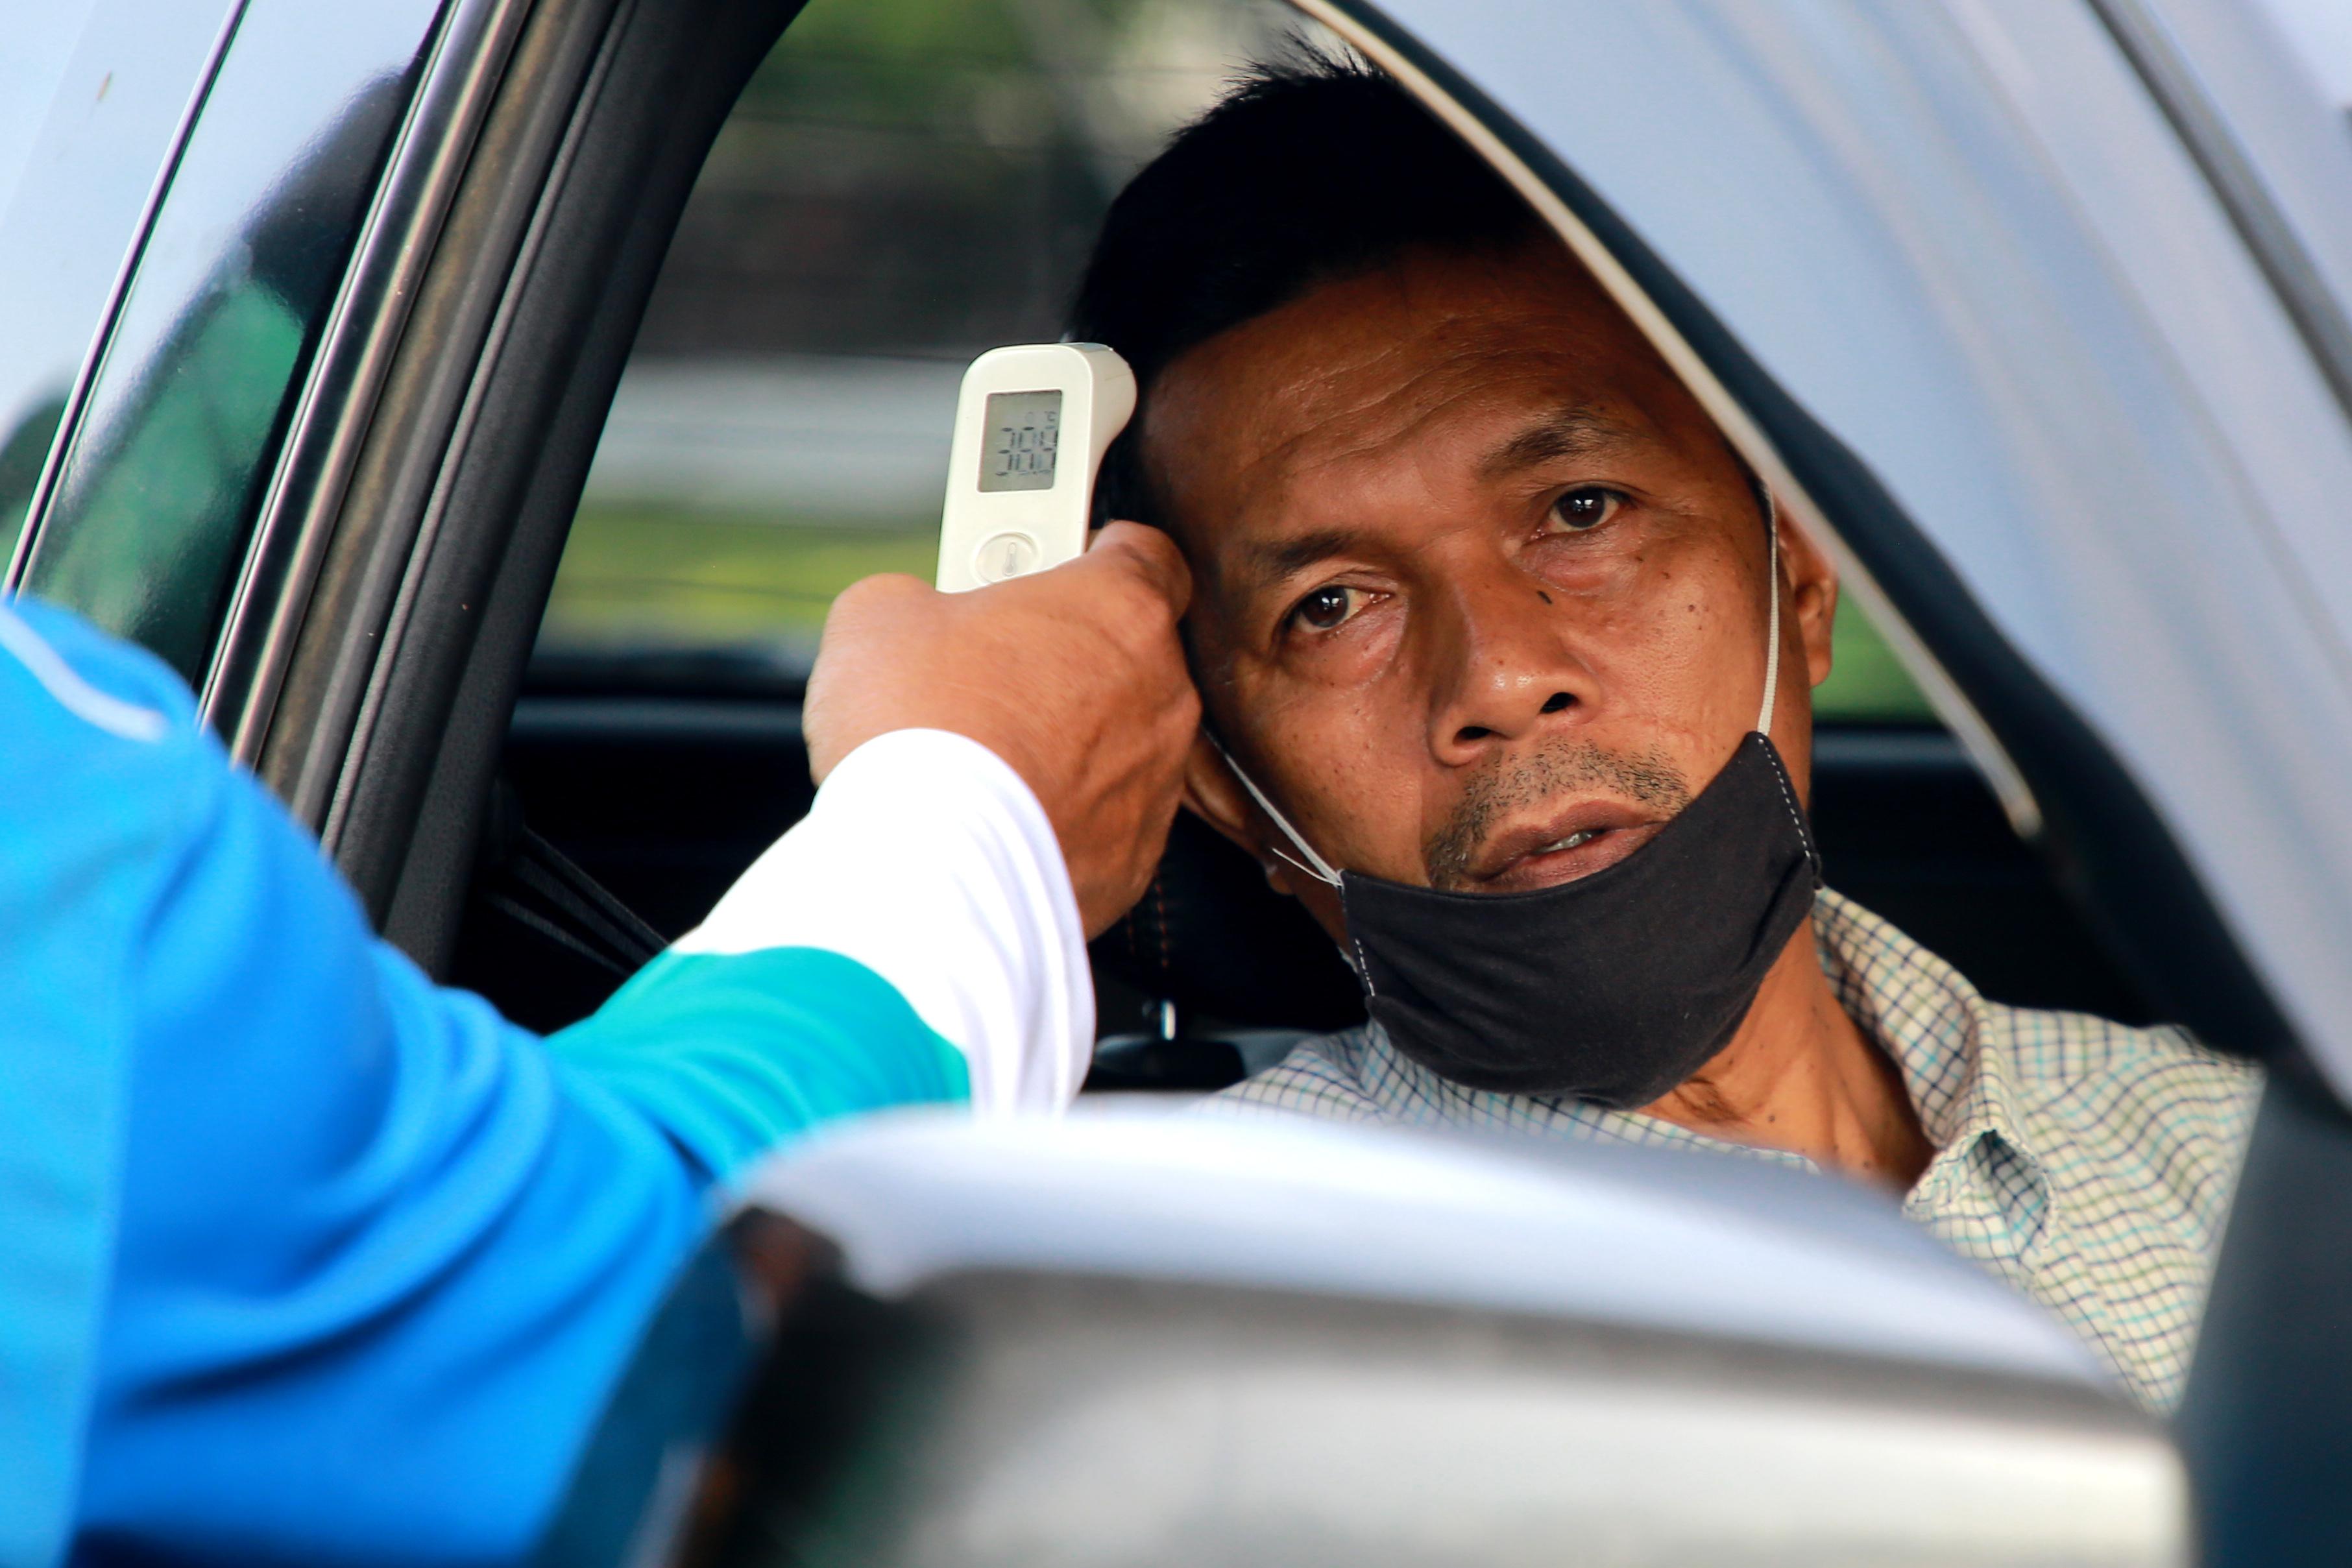 การจราจรที่ด่านตรวจยะลาคับคั่ง หลัง ปชช.เดินทางข้ามจังหวัดได้